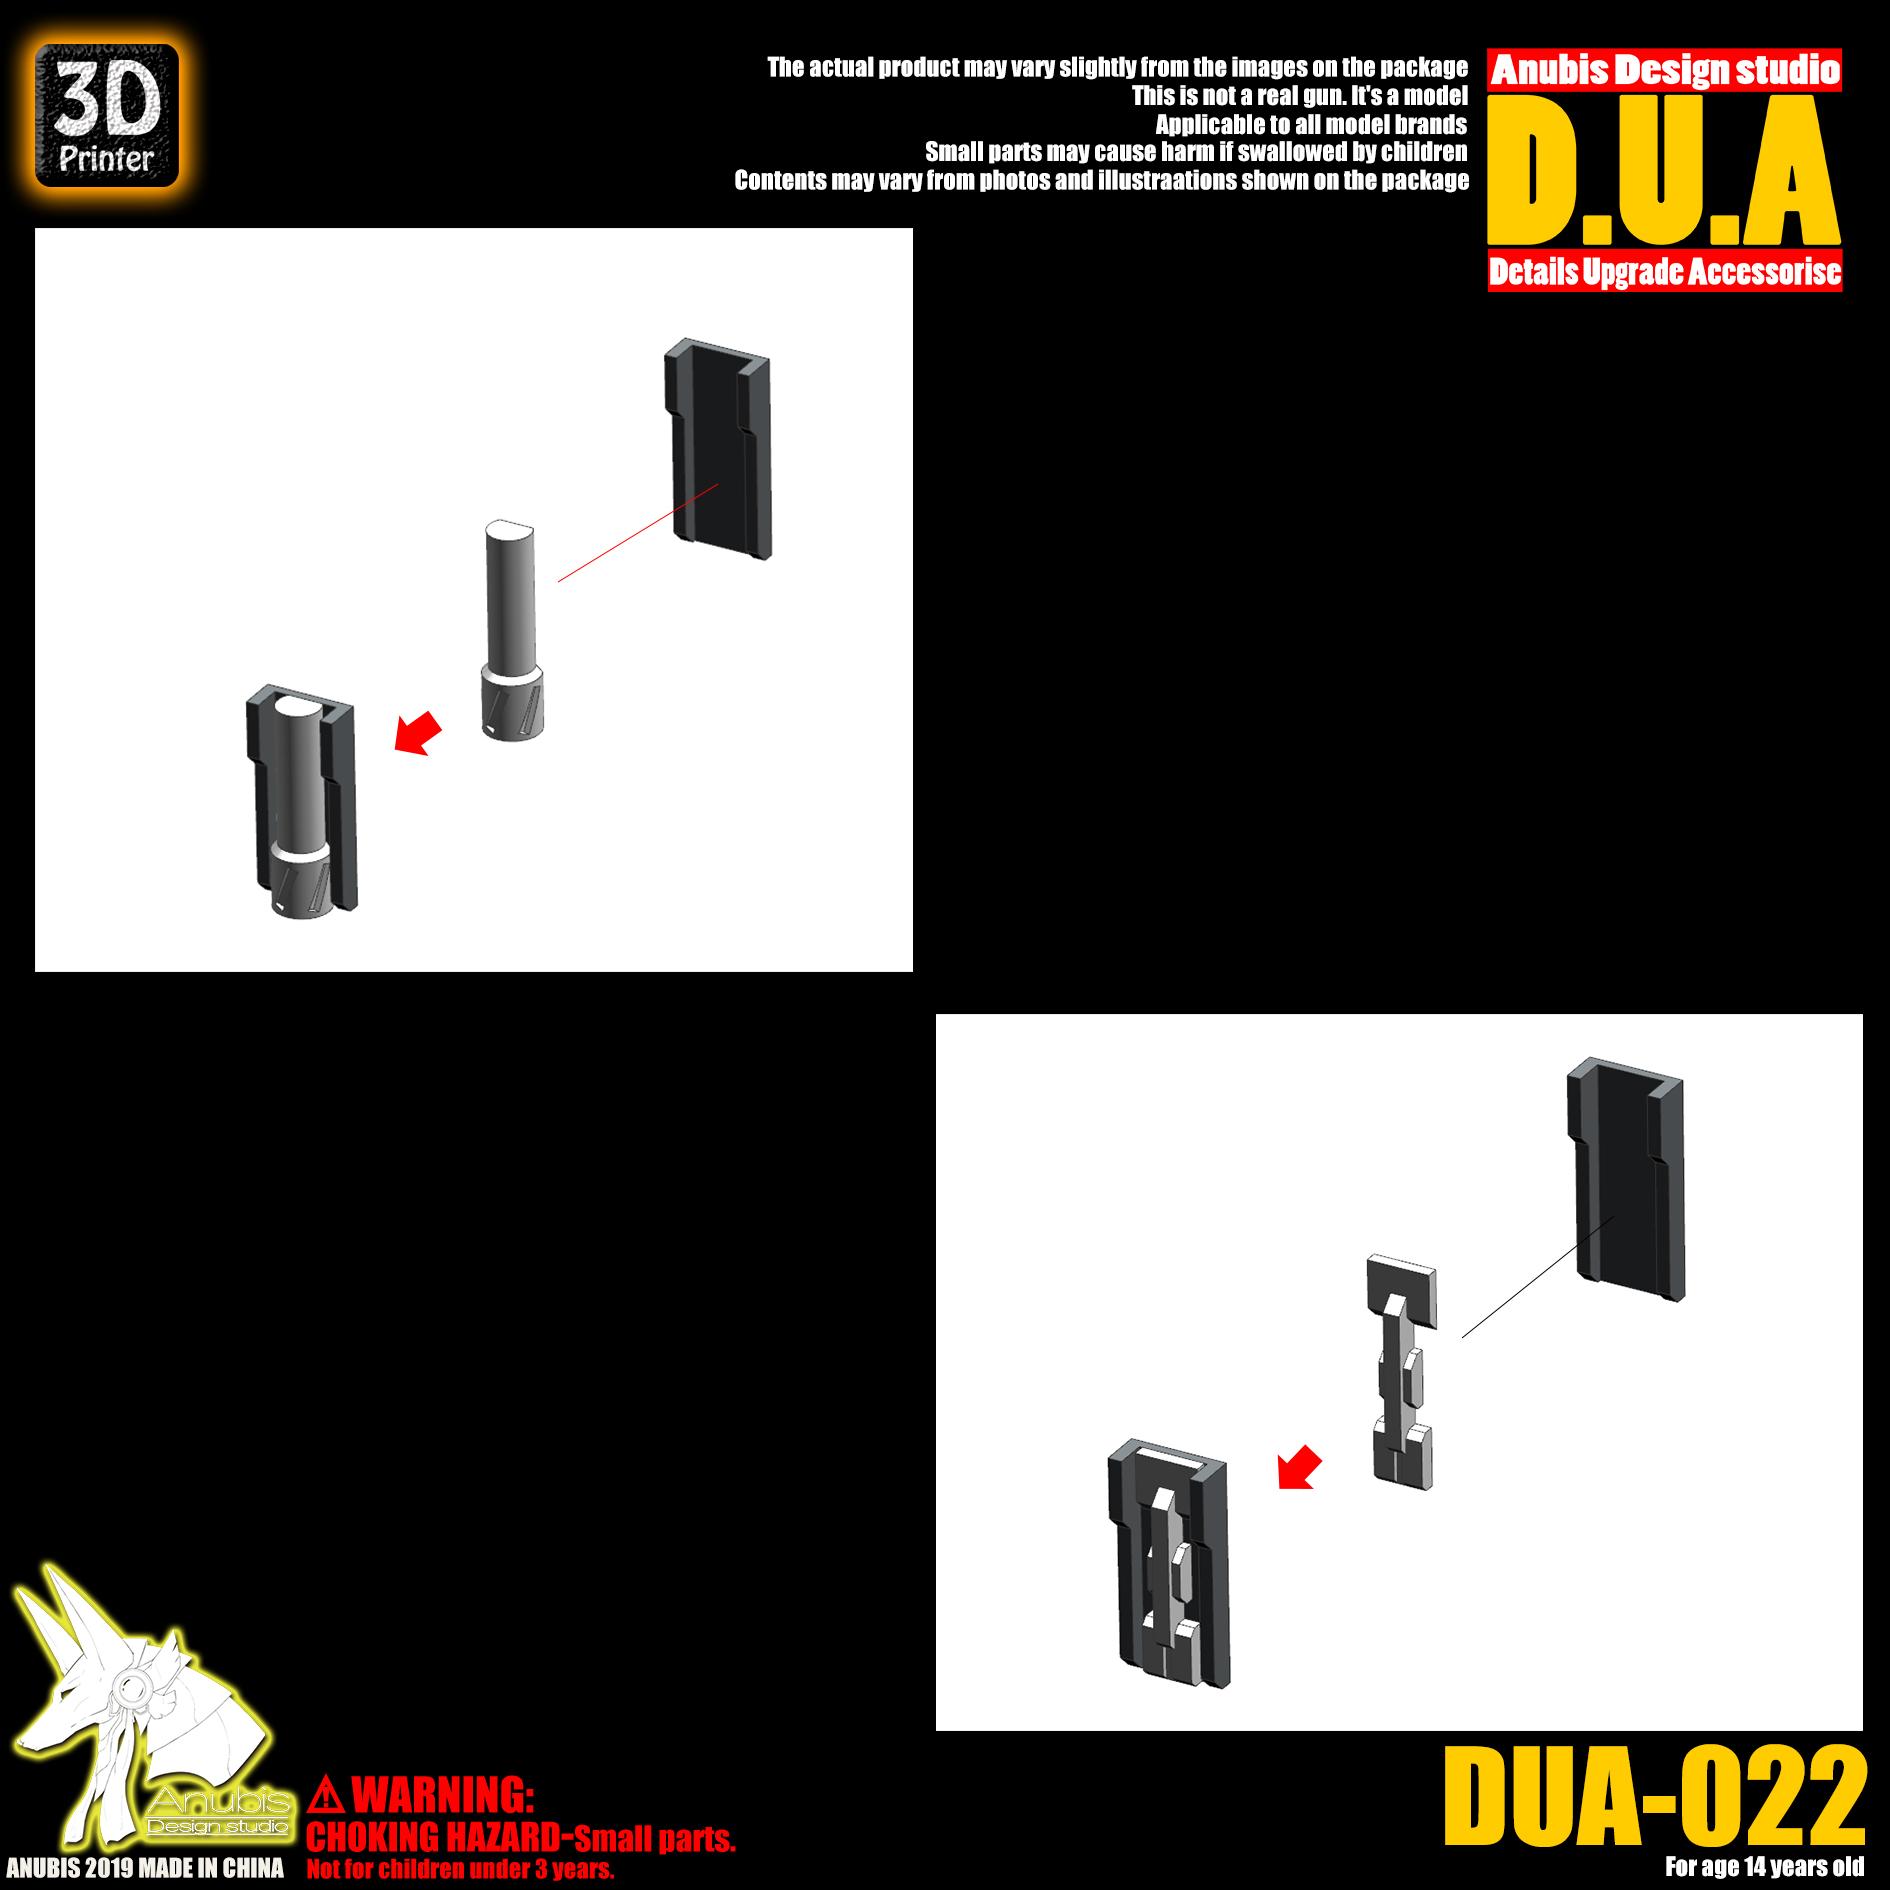 G413_DUA022_003.jpg